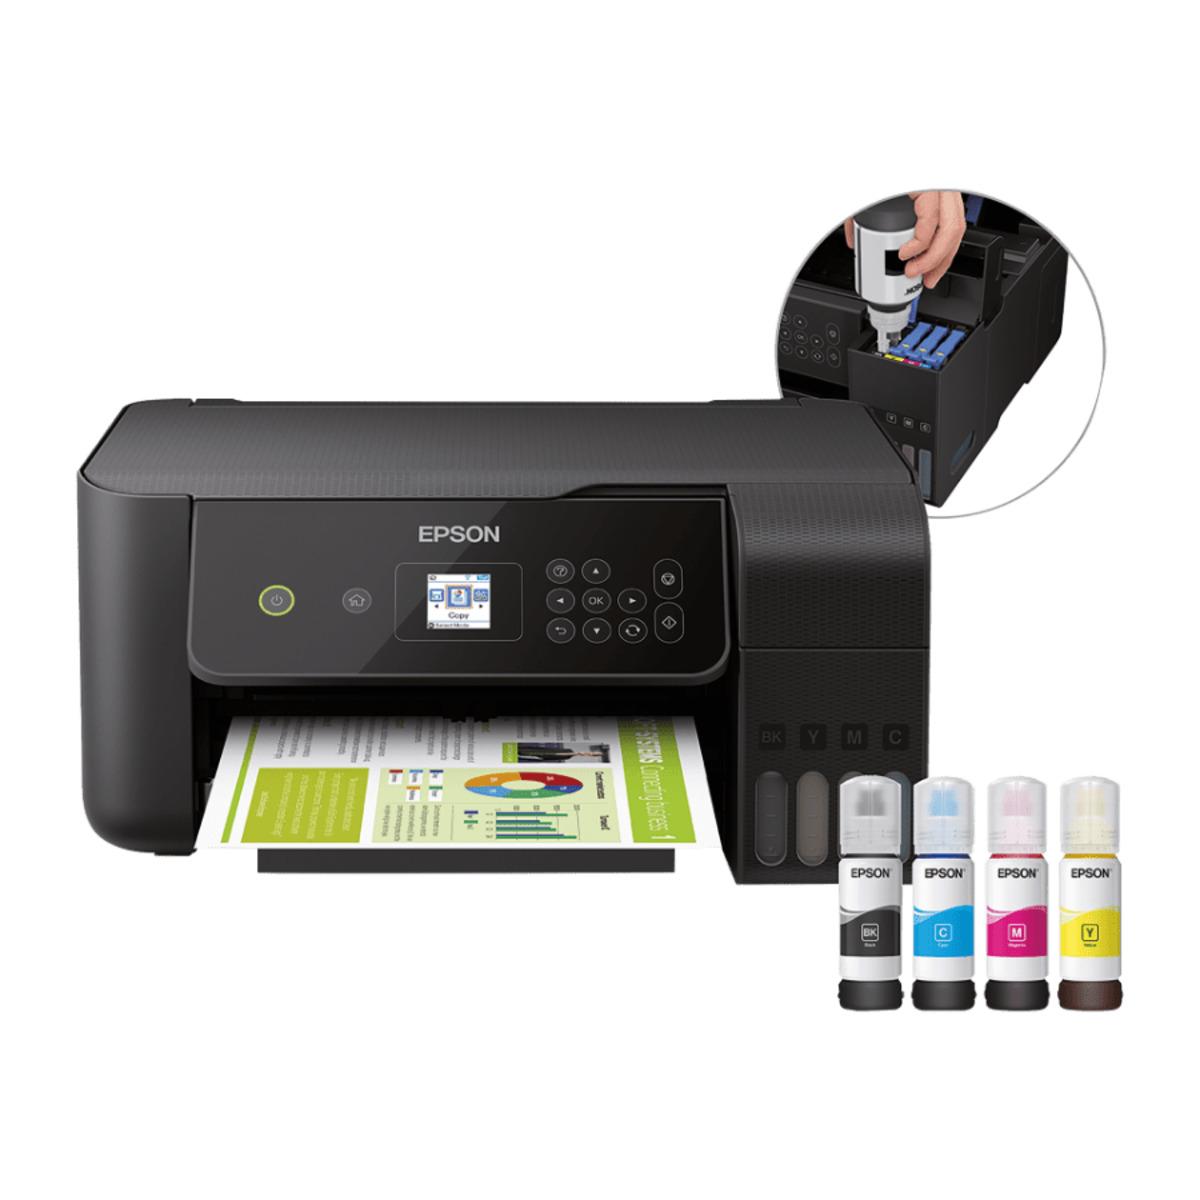 Bild 1 von EPSON     EcoTank ET-2720 3-in-1-Tintenstrahldrucker